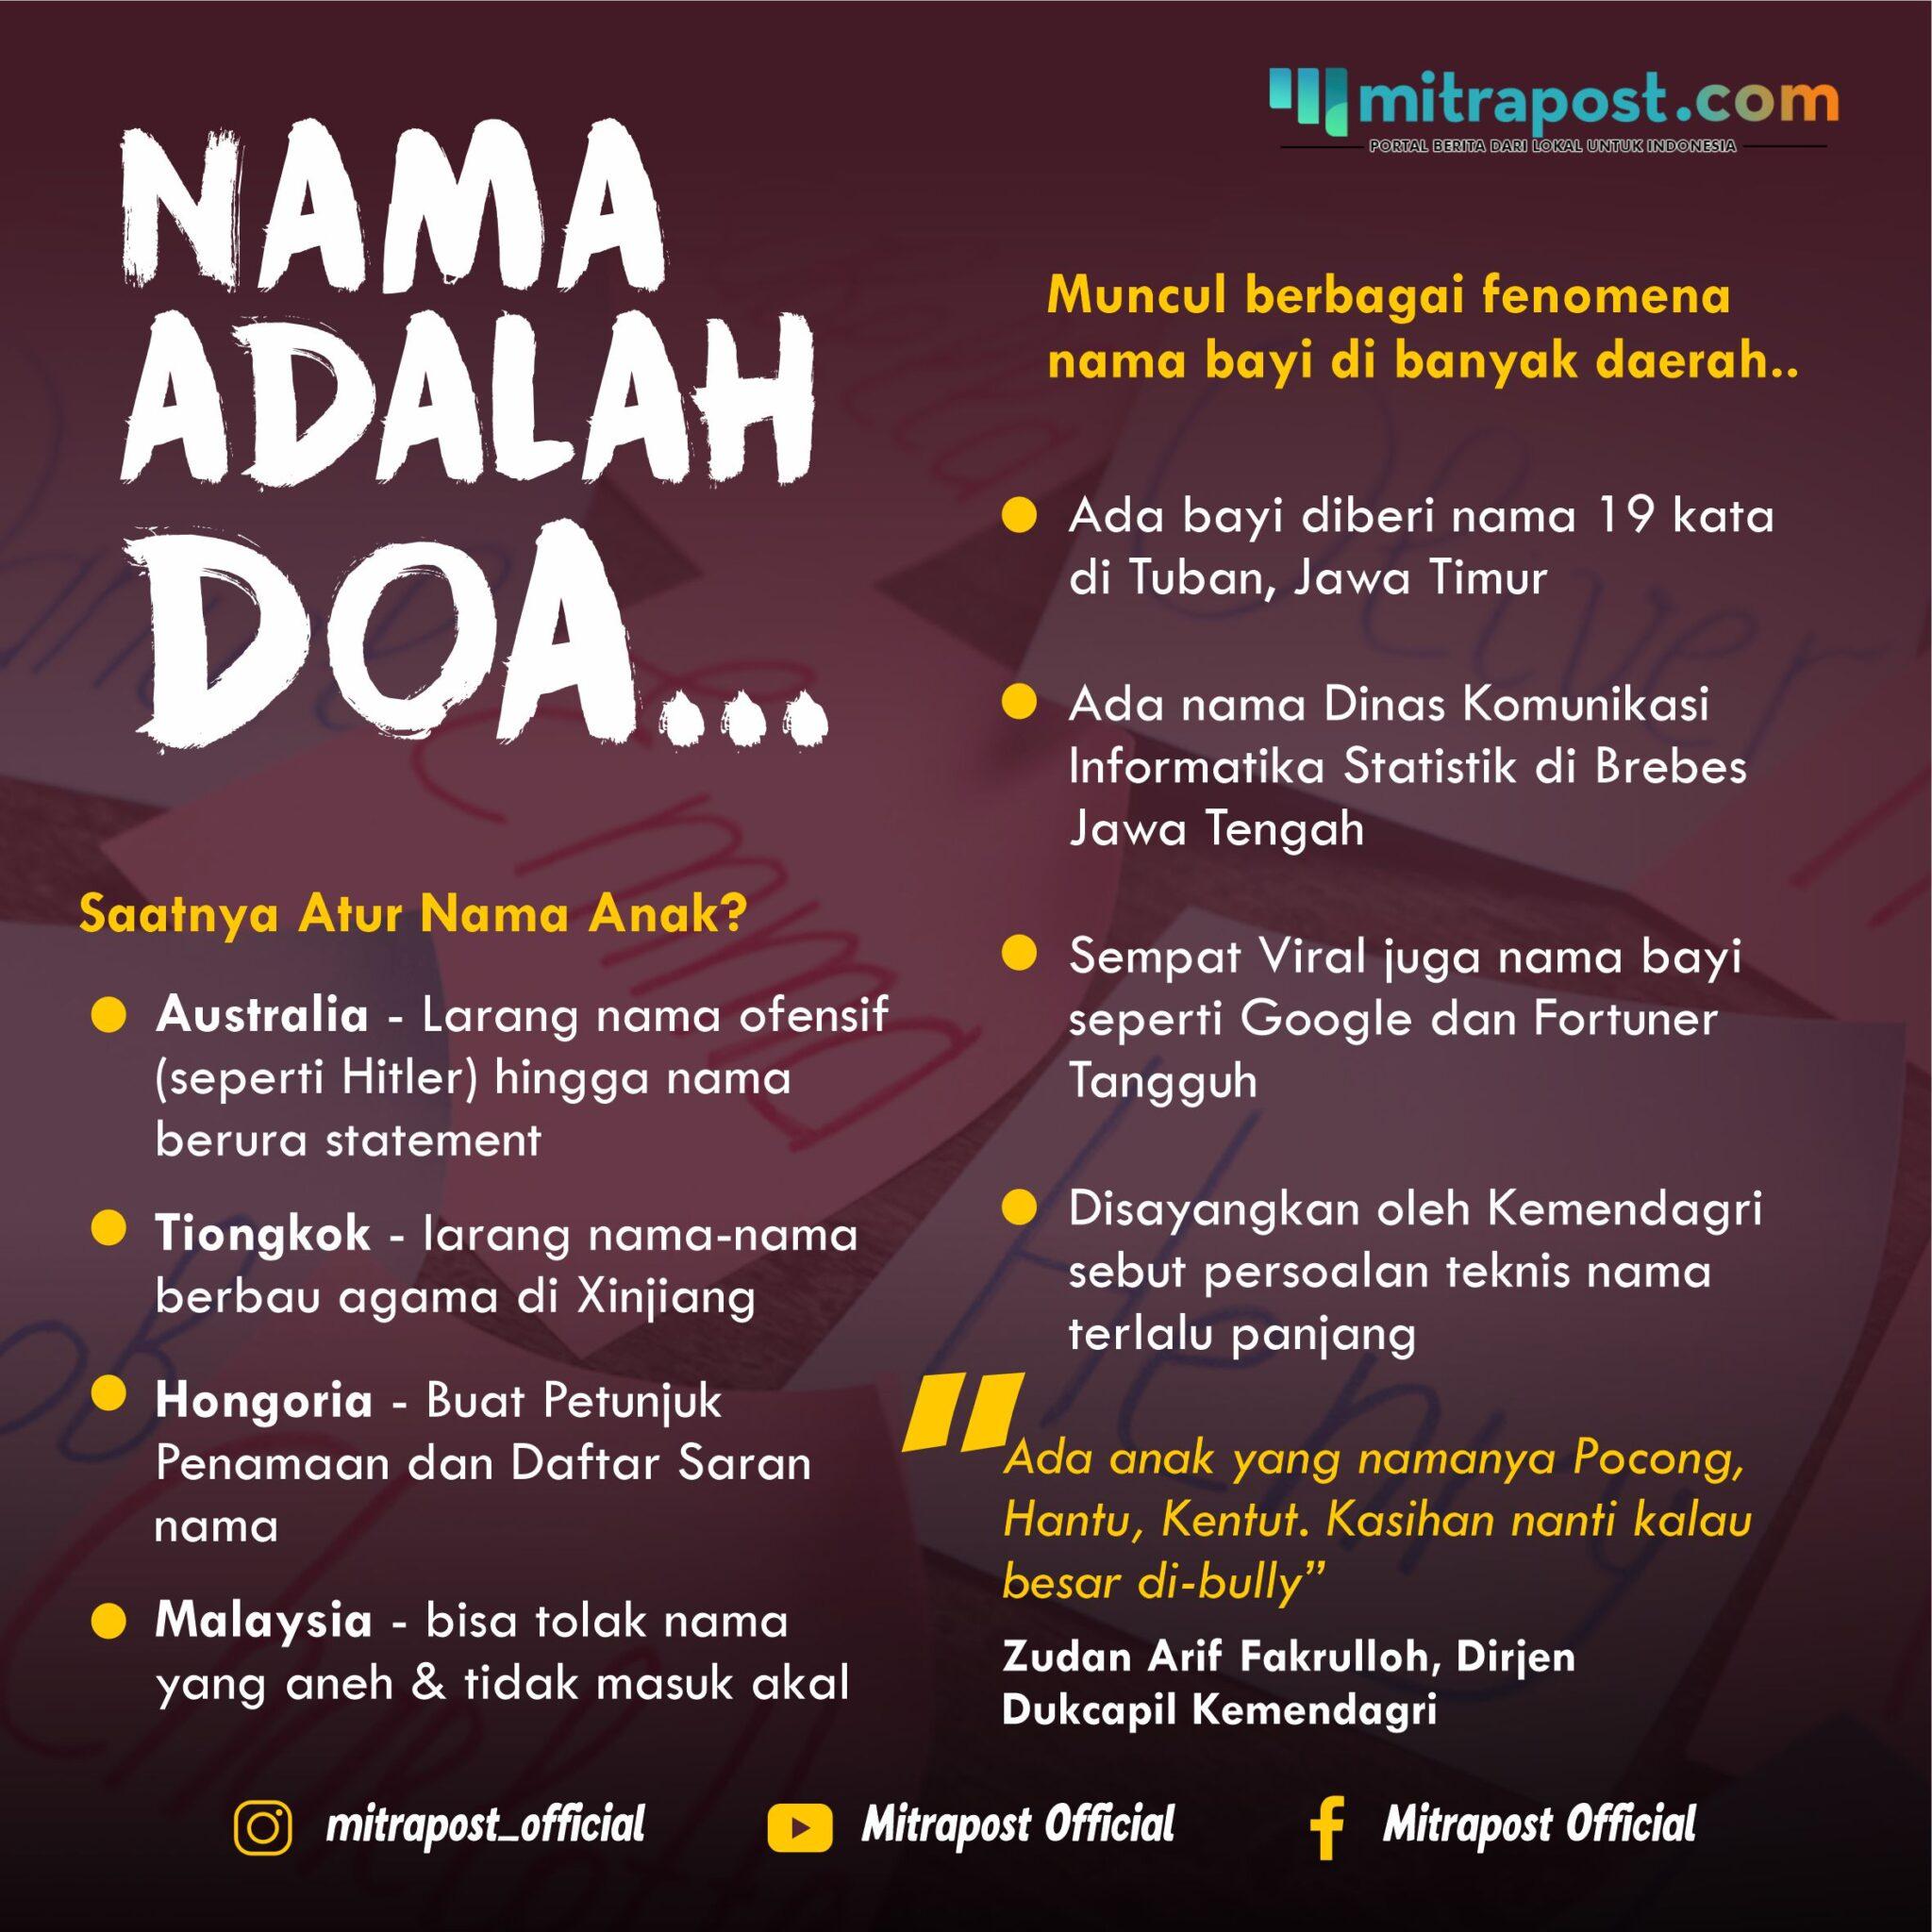 Nama Adalah Doa....